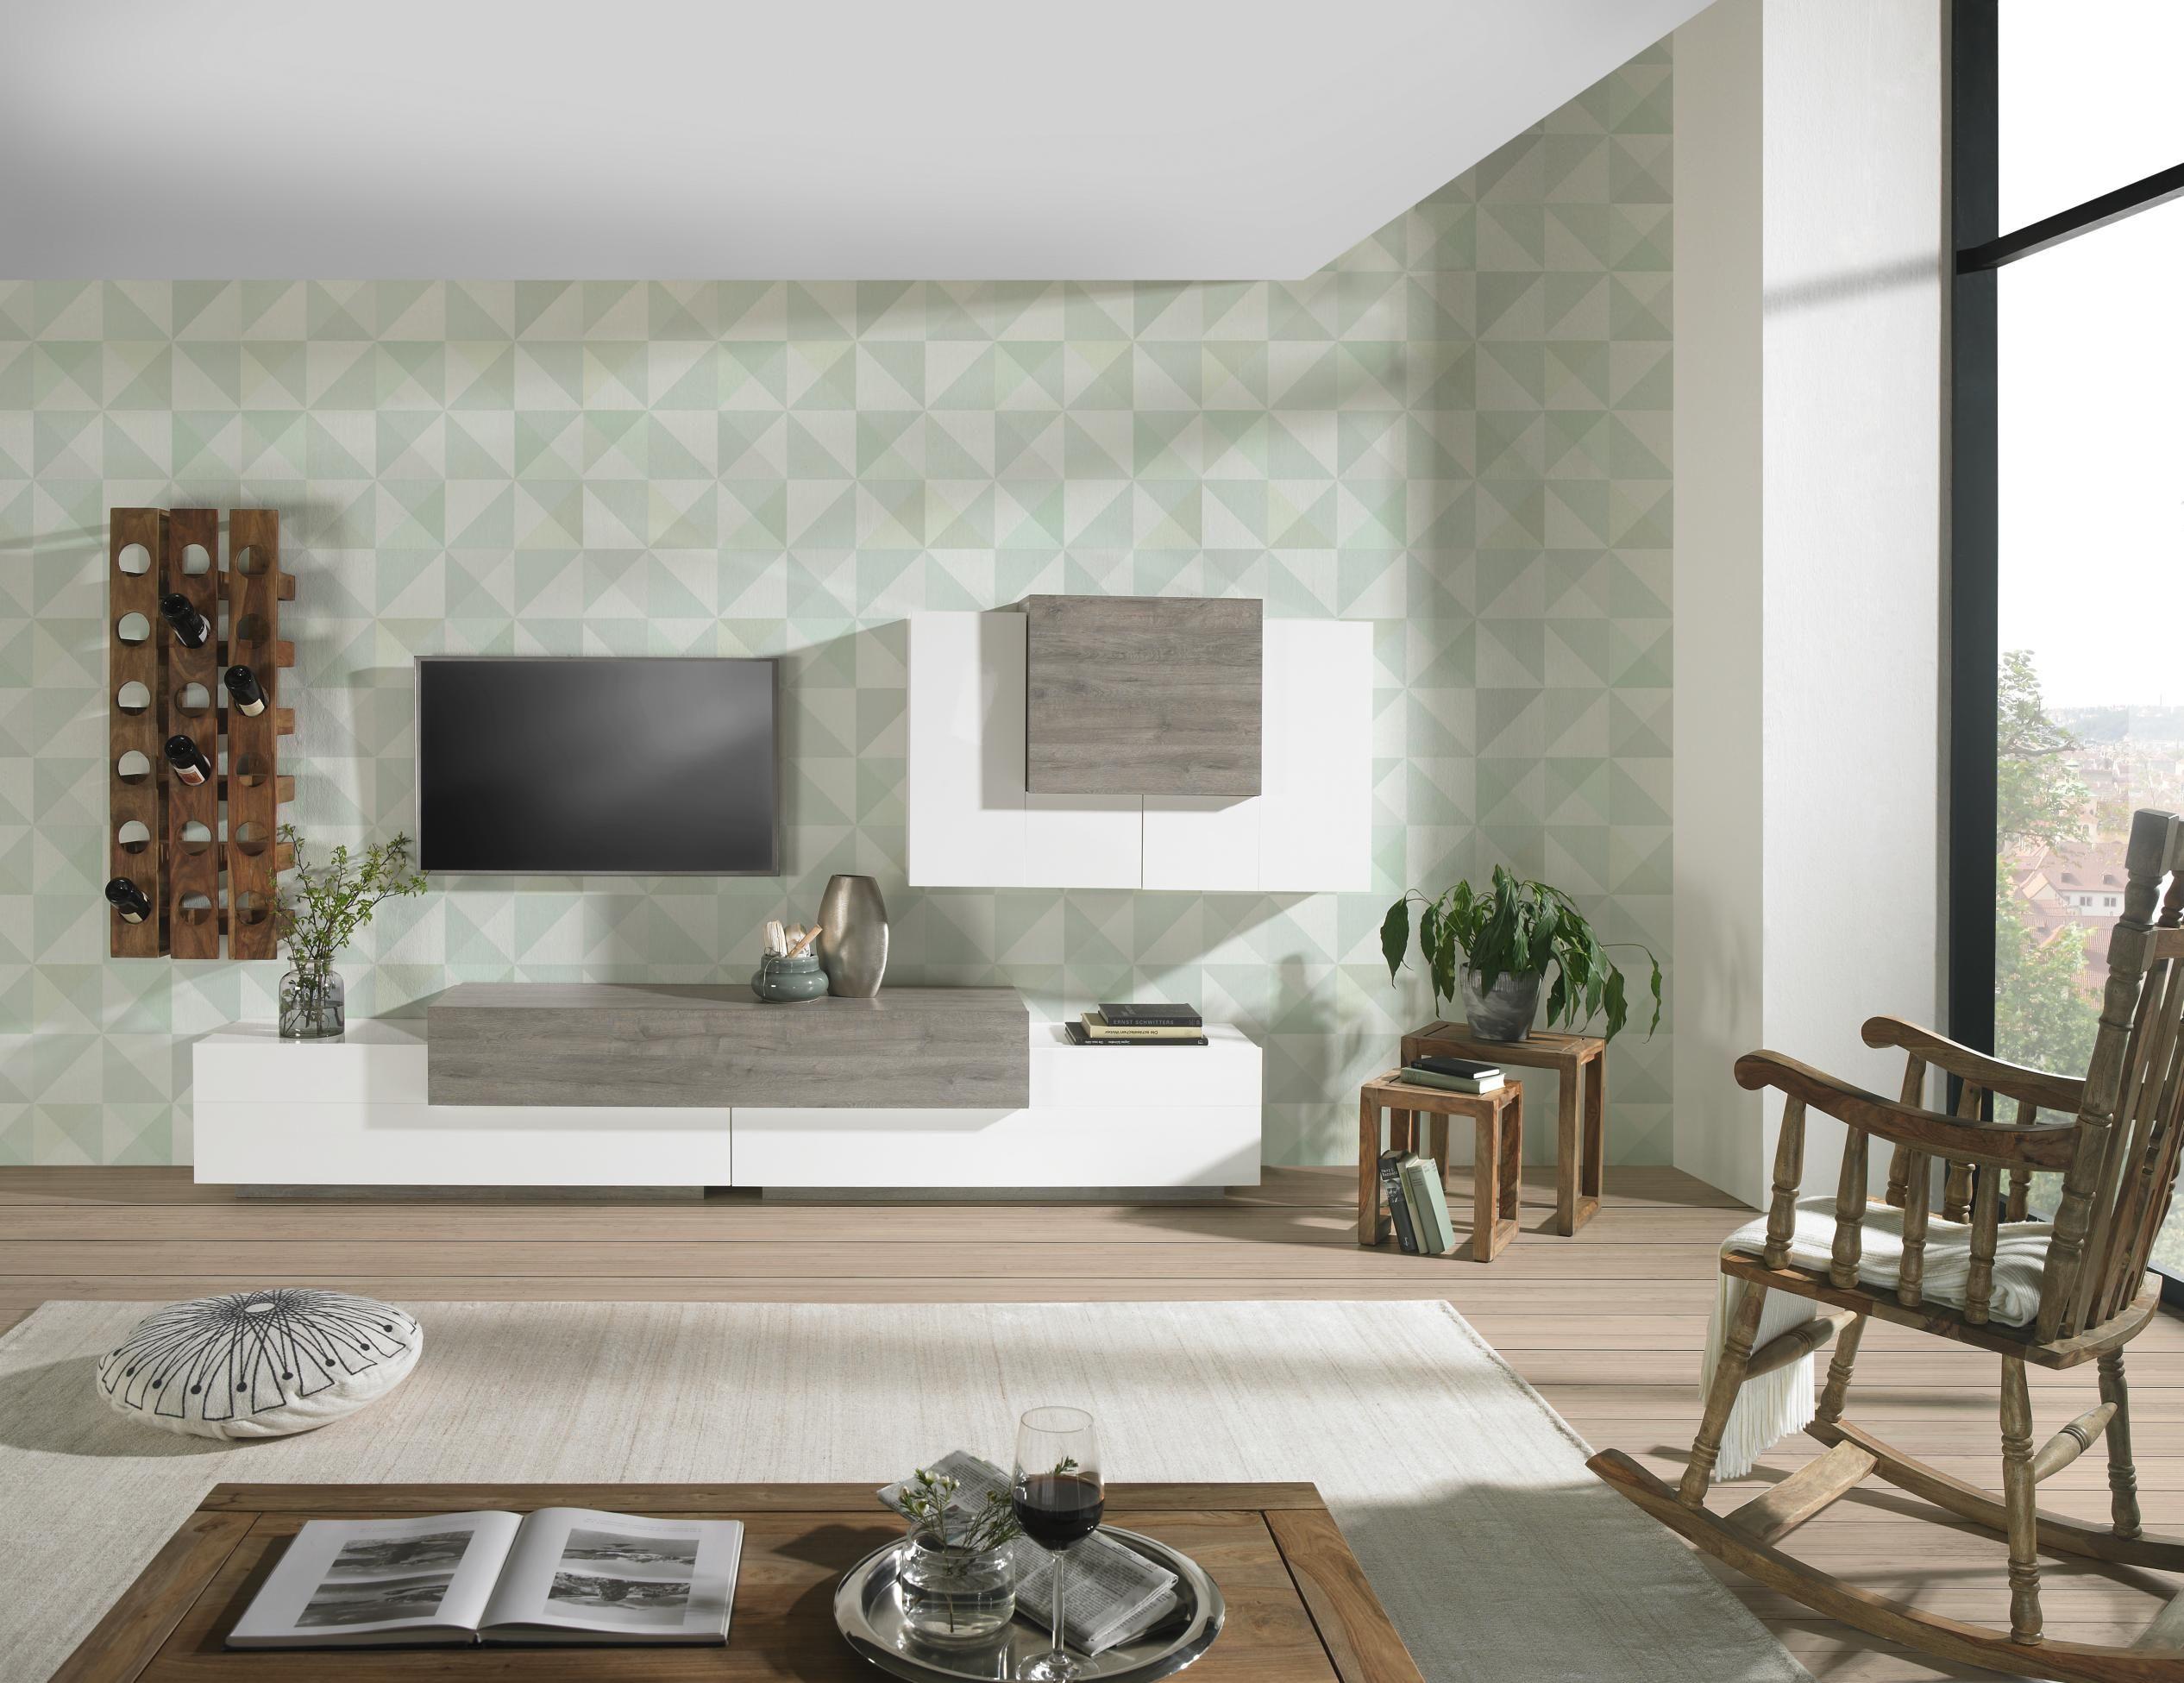 Außergewöhnlich Wohnwände Beste Wahl Minimalistische Wohnwand - Einfach Schön Durch Einen